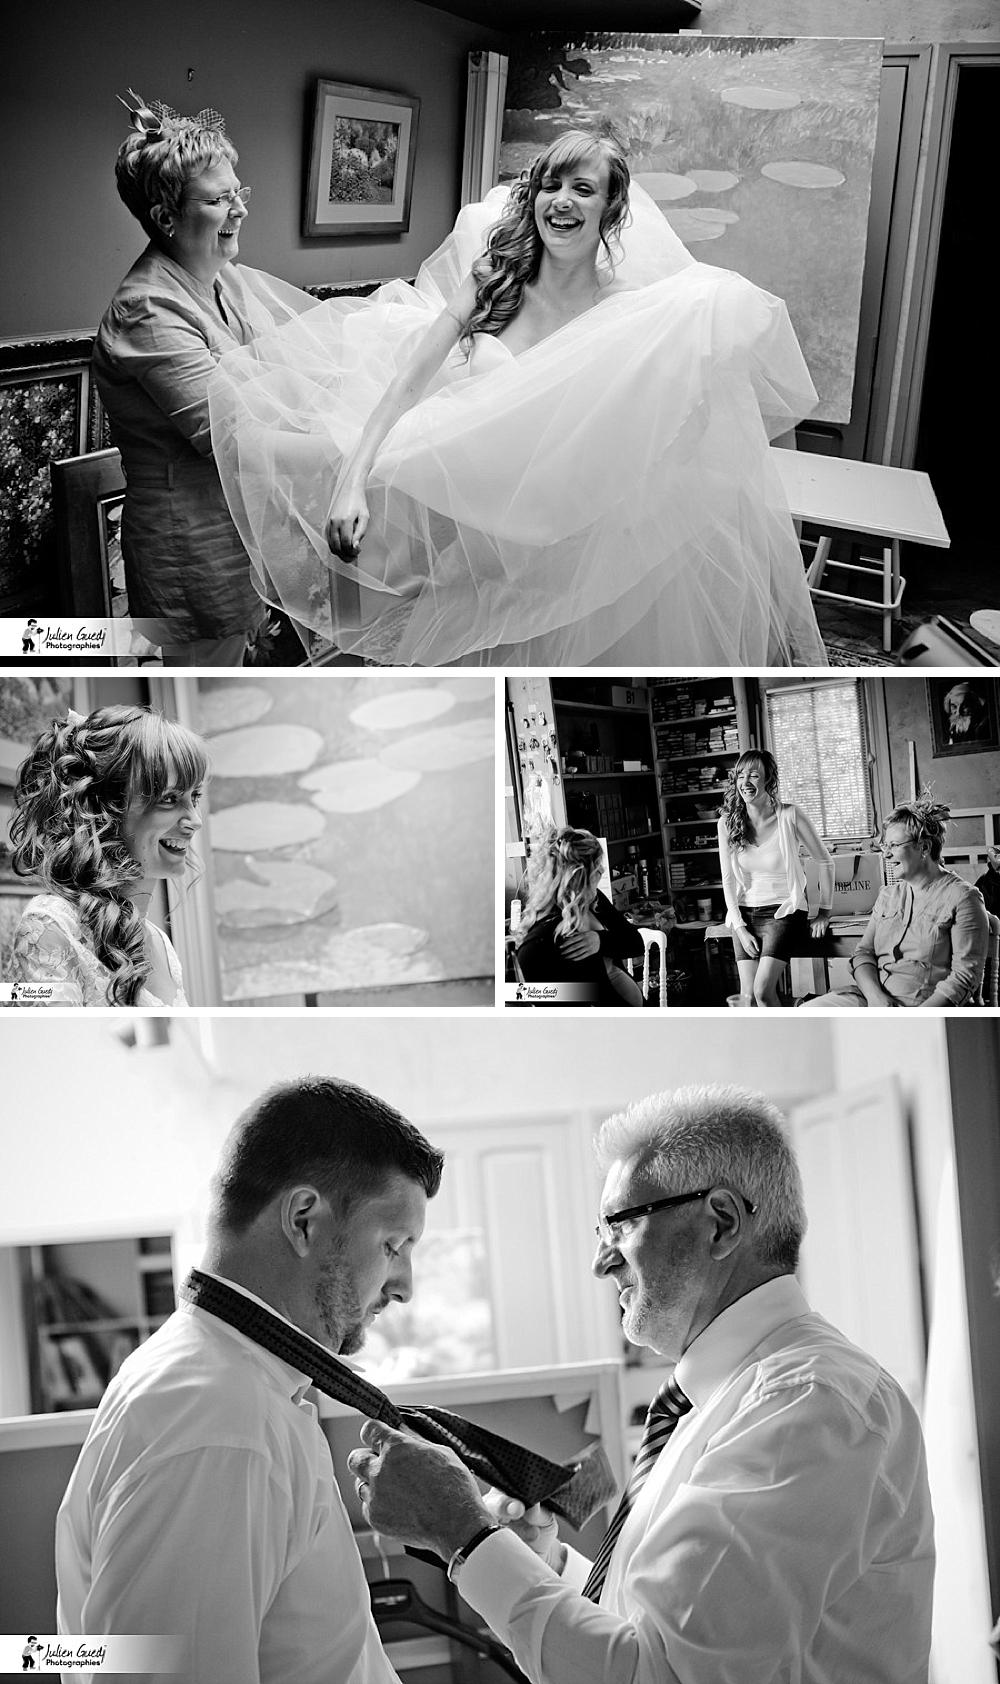 photographe-mariage-oise-jardin-van-beek-aj140614_0003